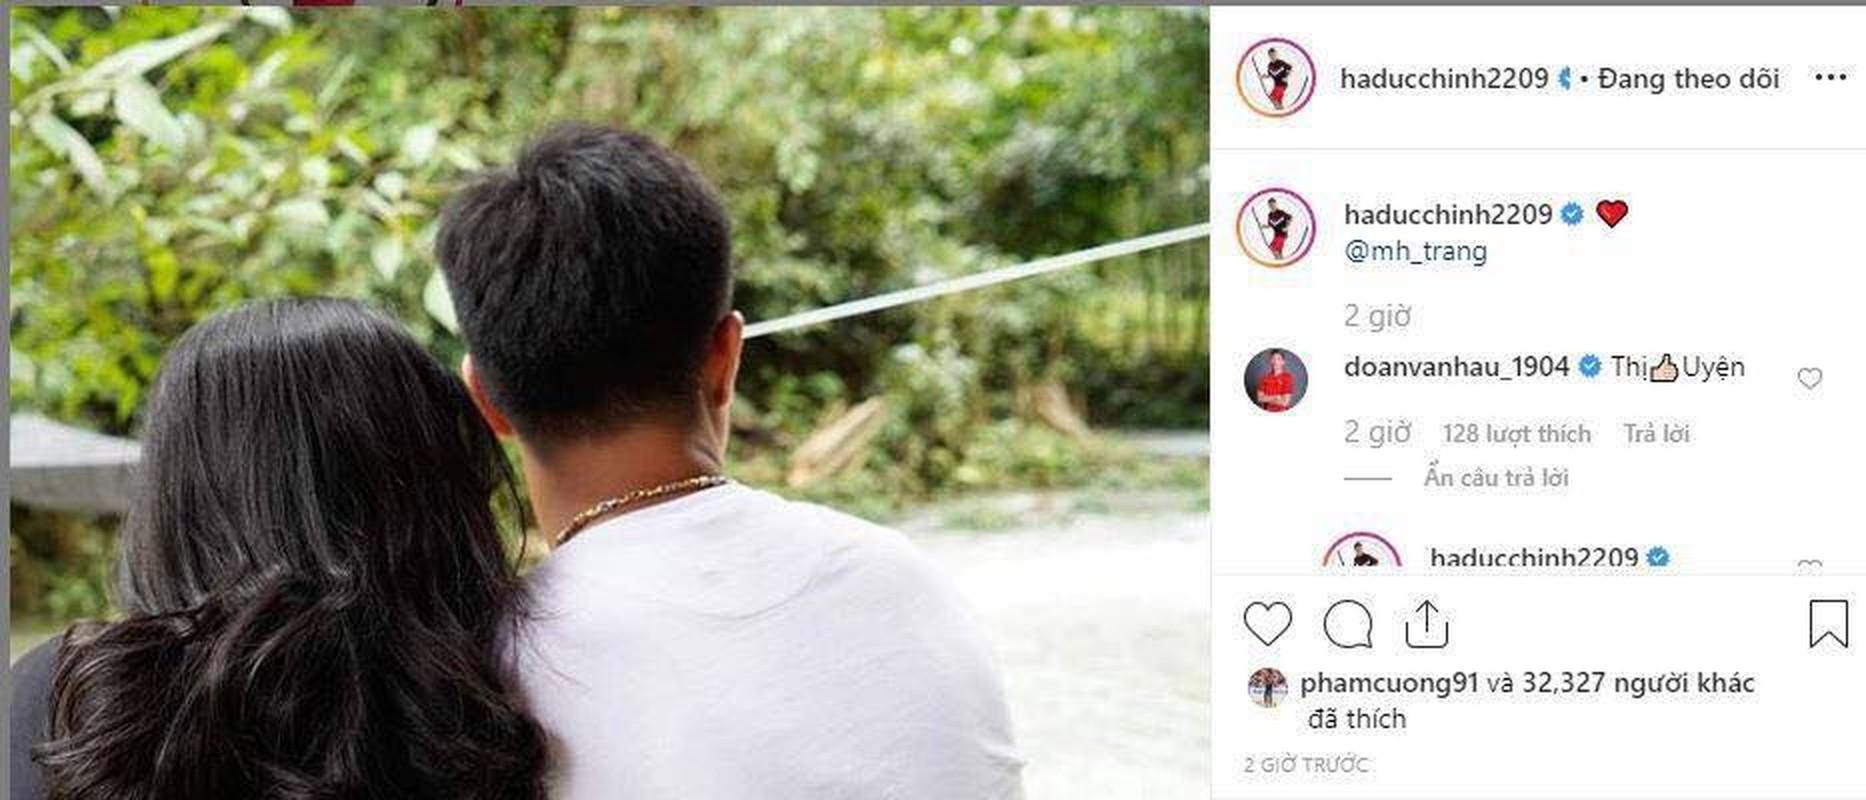 """Lan dau cong khai ban gai hot girl, Ha Duc Chinh bi dong bon """"choc que""""-Hinh-2"""